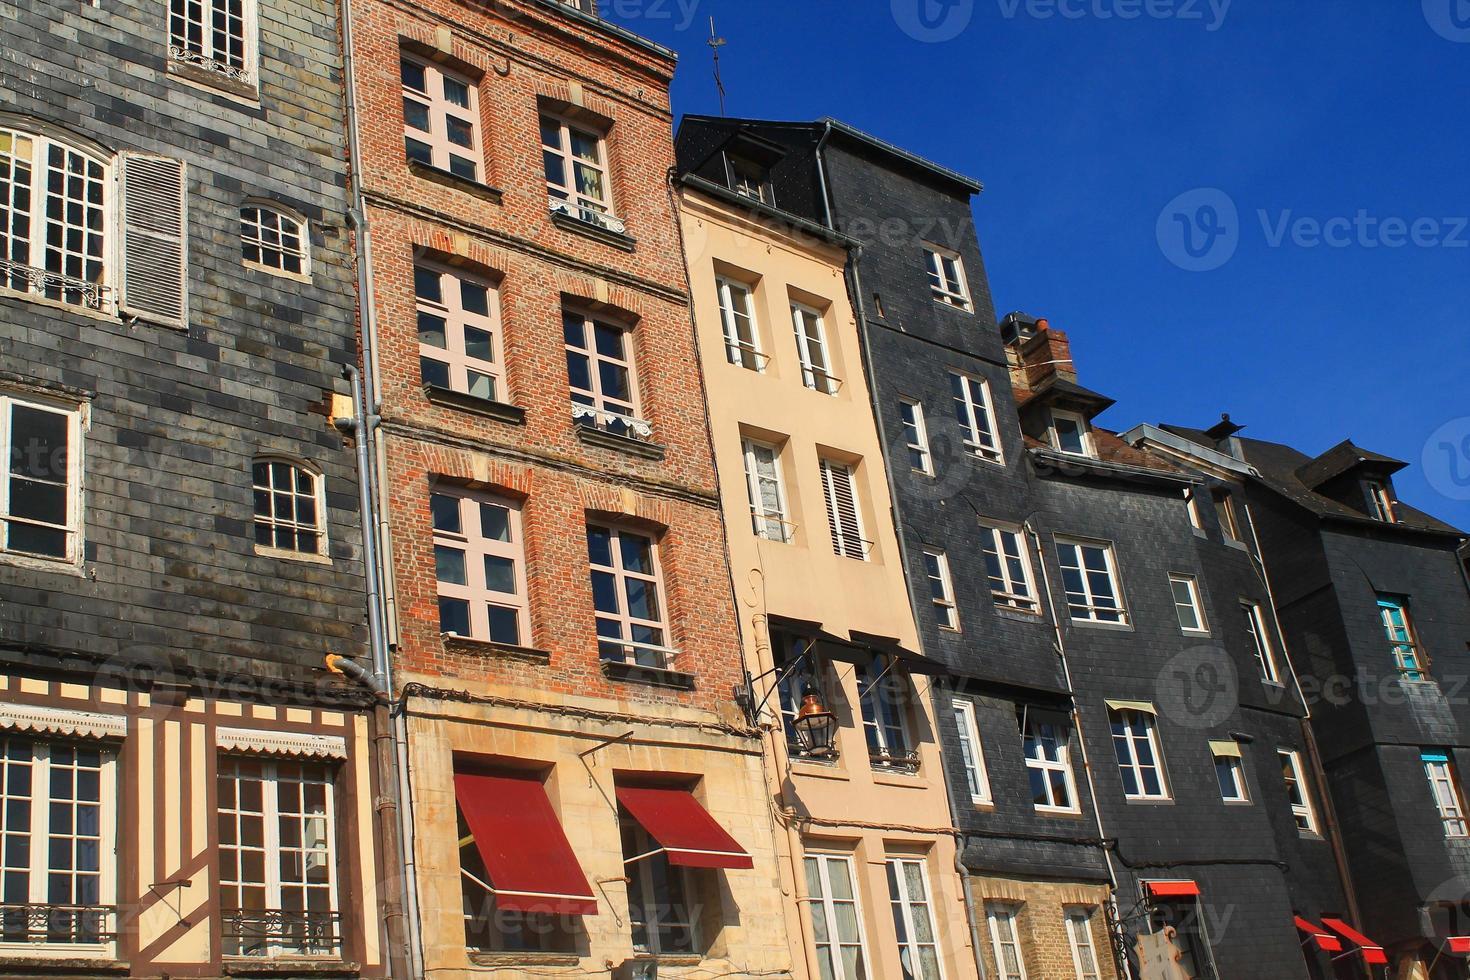 façades d'ardoise au vieux bassin d'honfleur, frankrijk foto